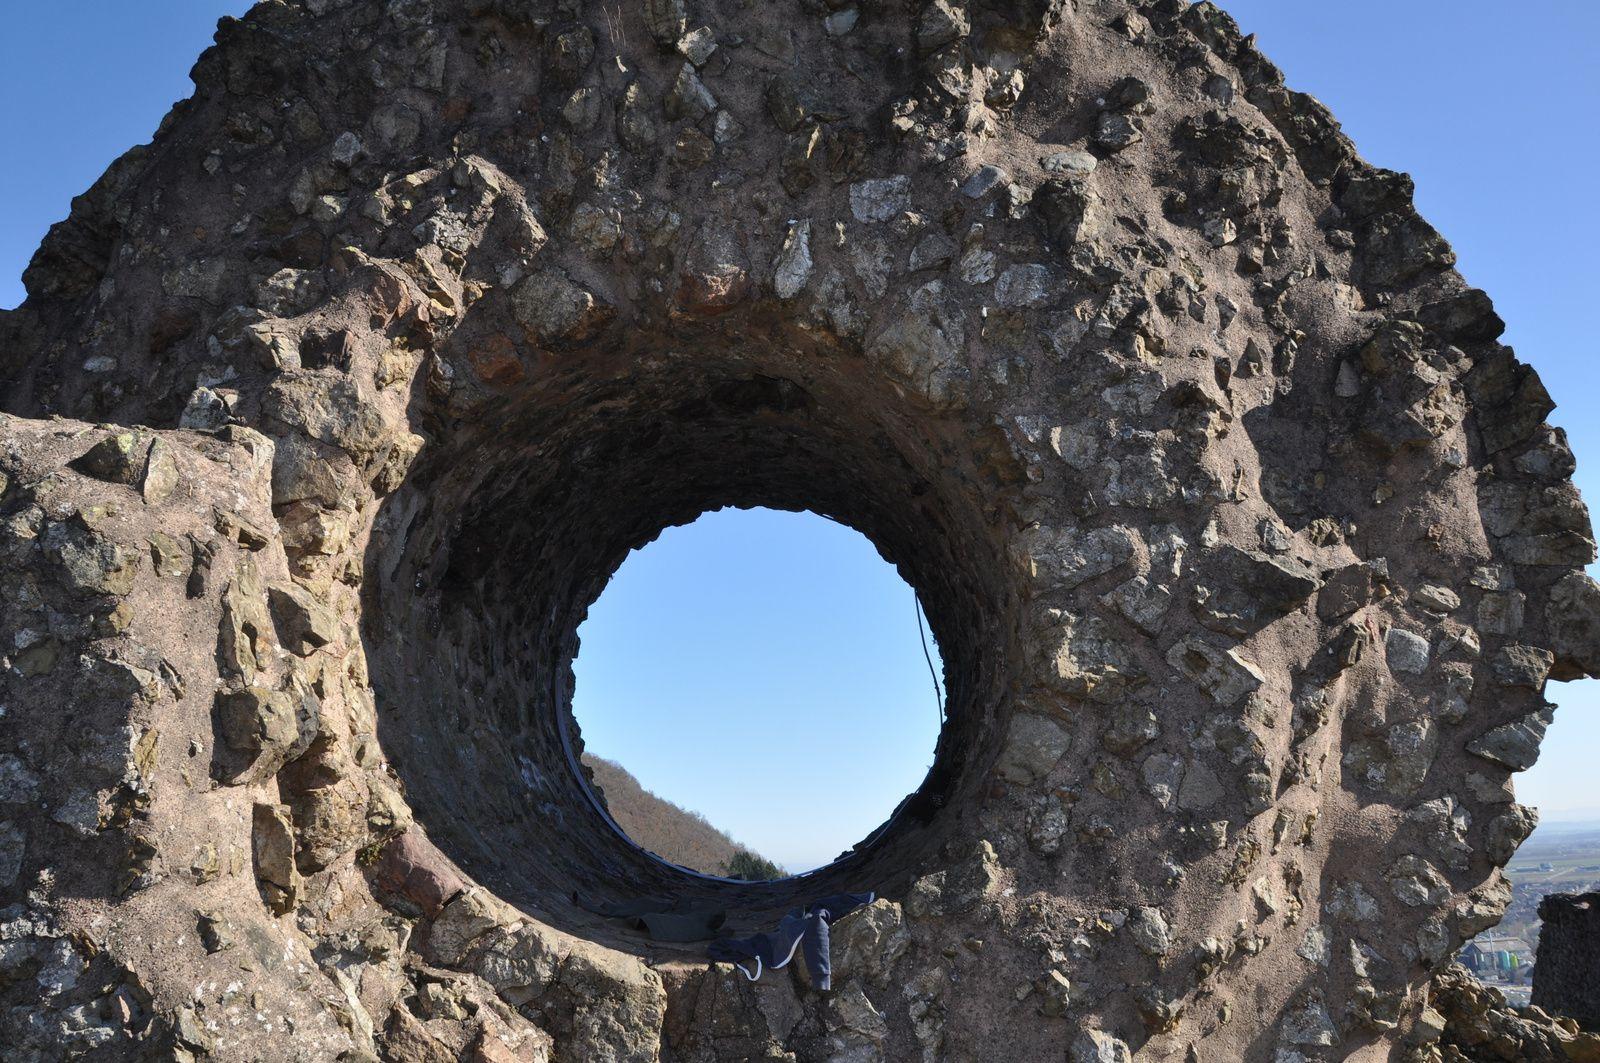 Ruines du château d'Engelbourg et le fameux œil de la sorciére.